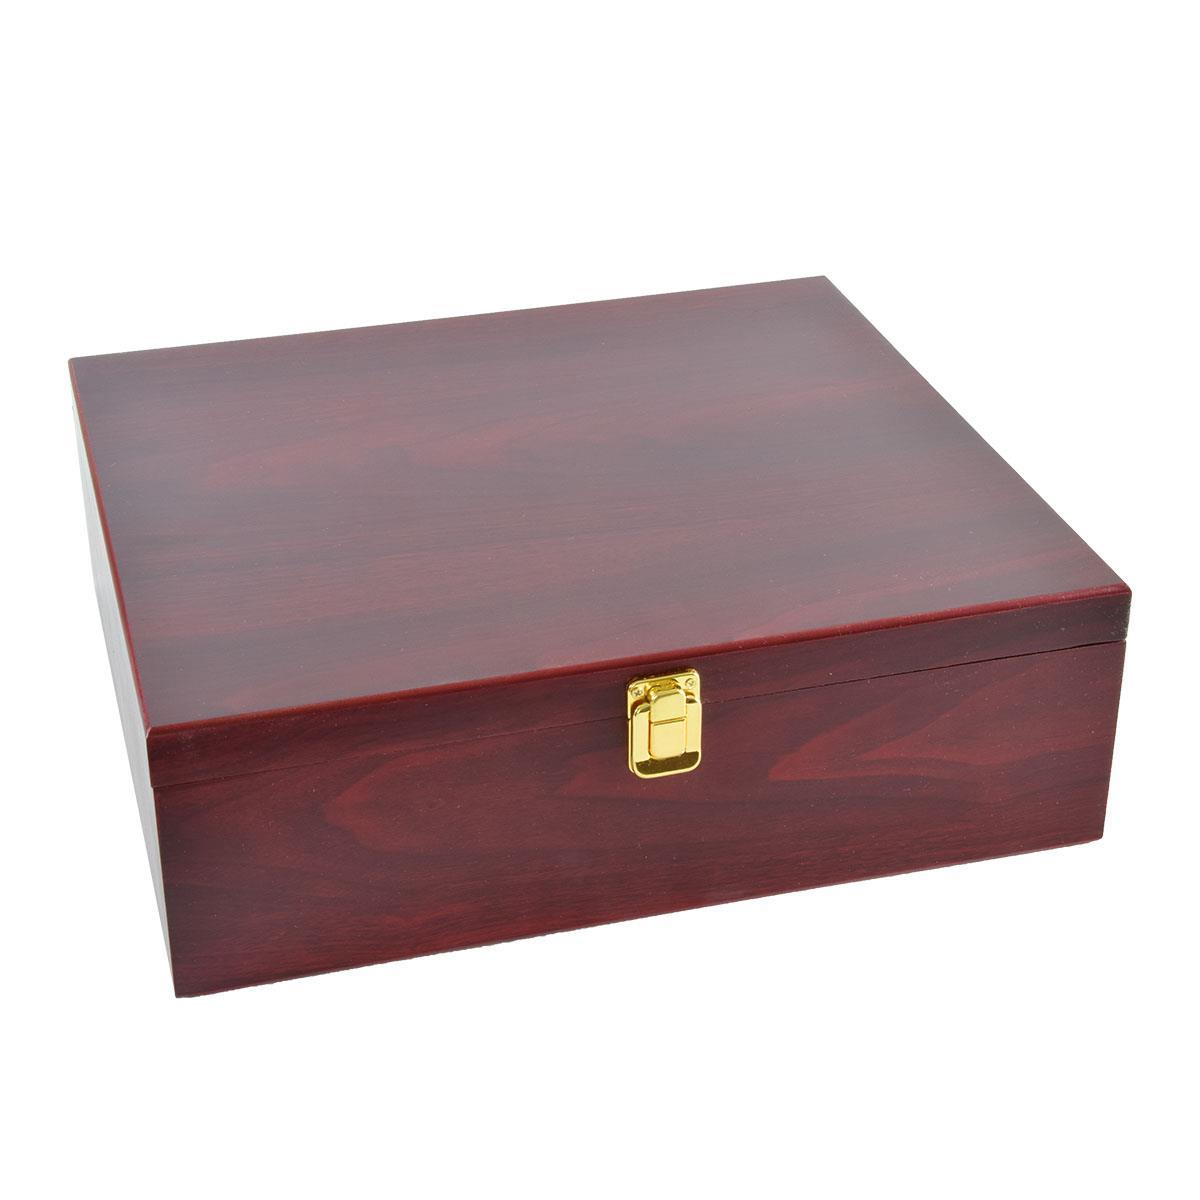 Ξύλινο κουτί με αξεσουάρ για κρασί 3 φιαλών